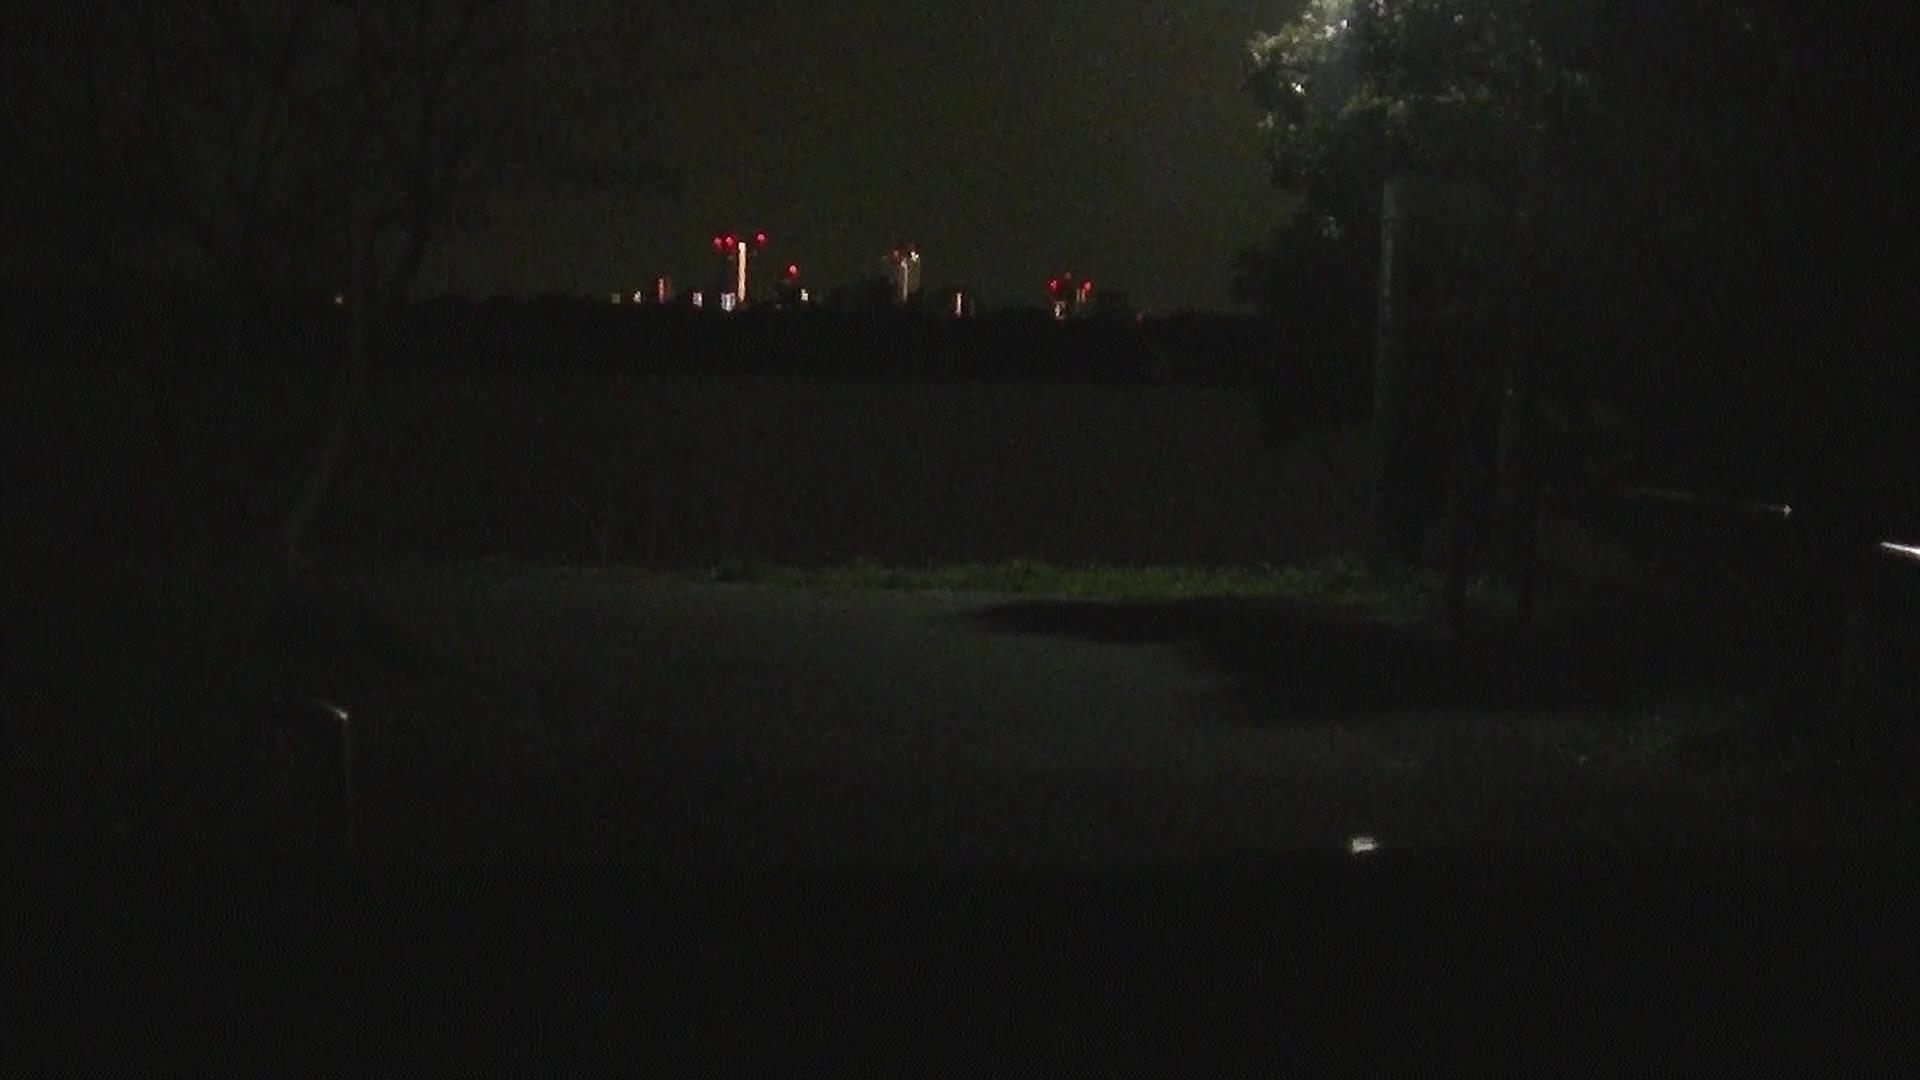 市川市里見公園の駐車場から見える江戸川